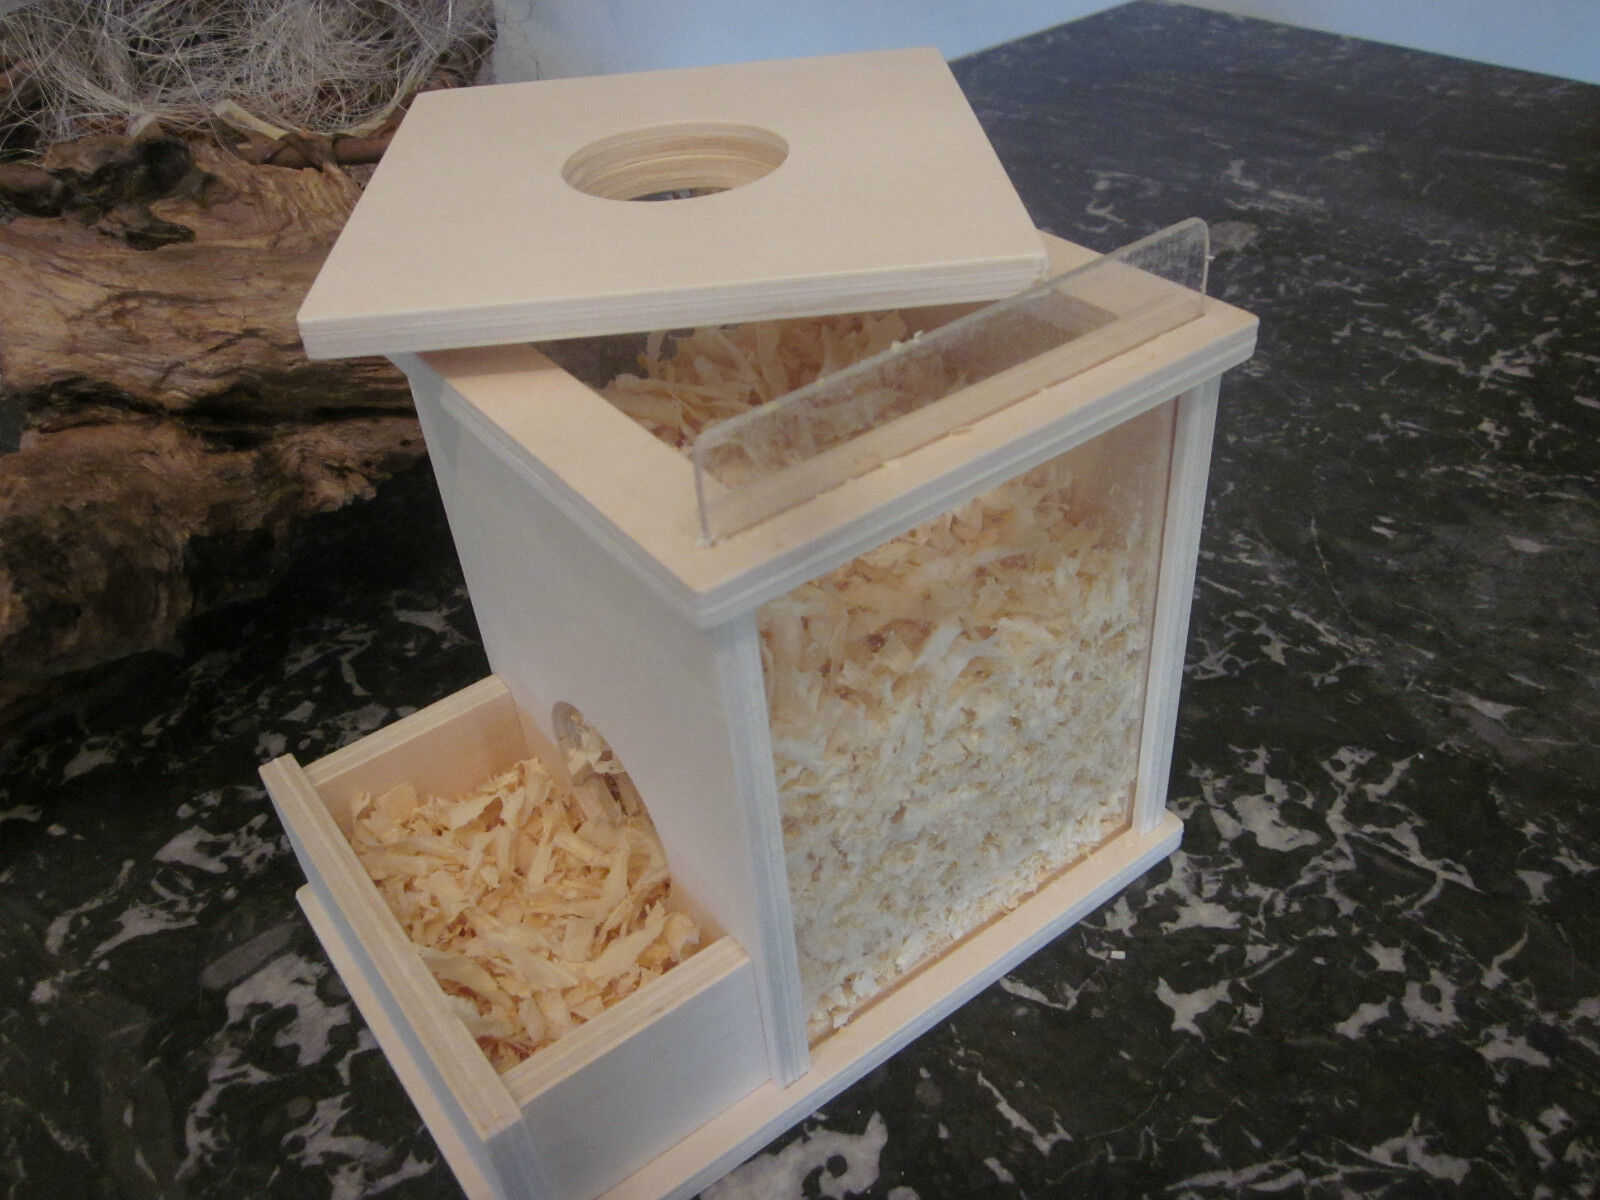 holz buddelturm f r rennm use m use hamster nager k fig mit sp ne eur 16 90 picclick de. Black Bedroom Furniture Sets. Home Design Ideas